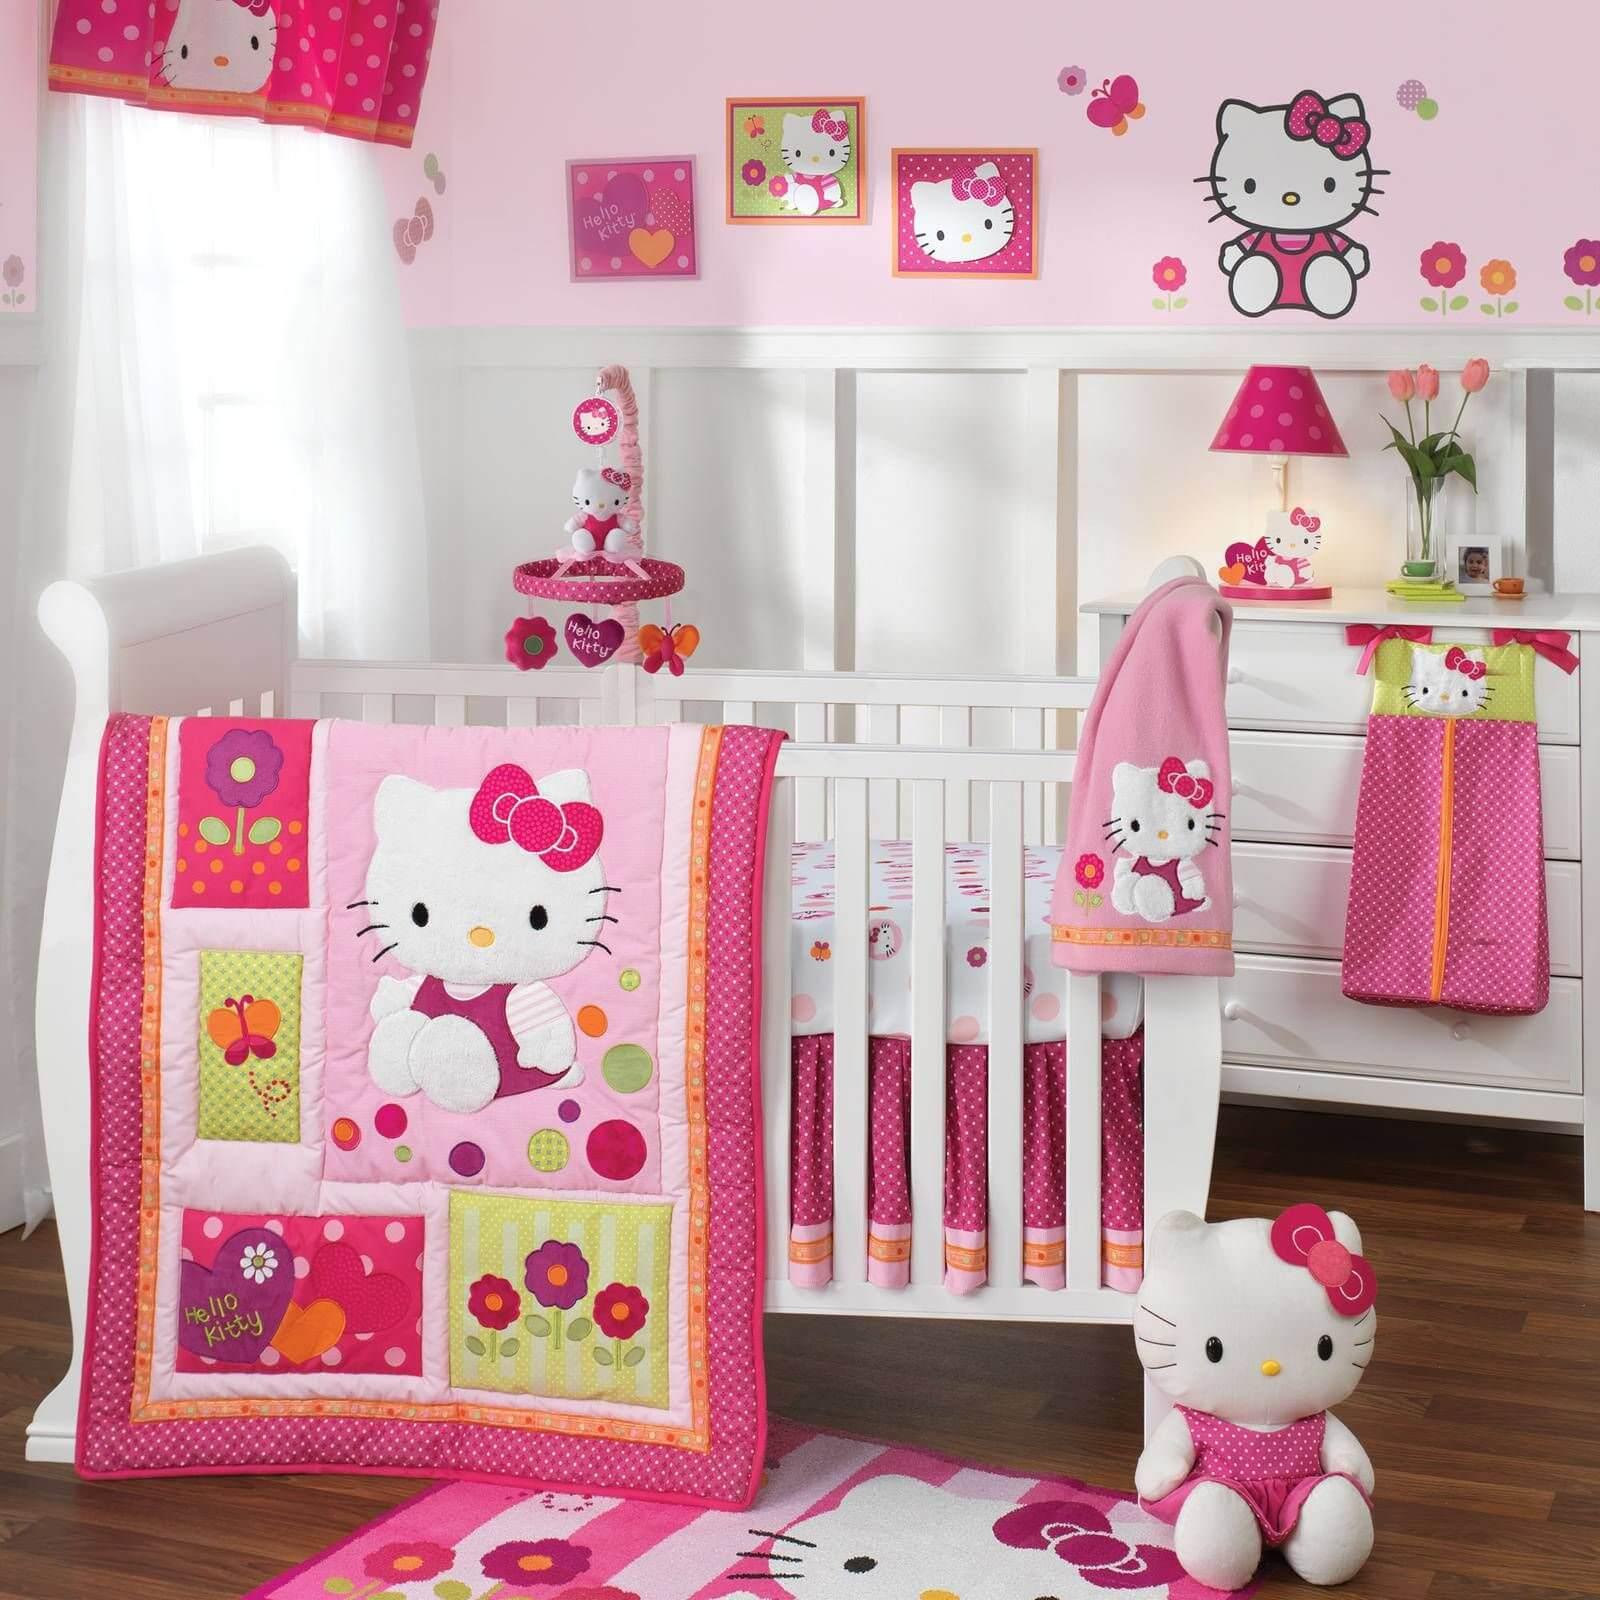 Hello Kitty Bedroom Idea for Baby Girl